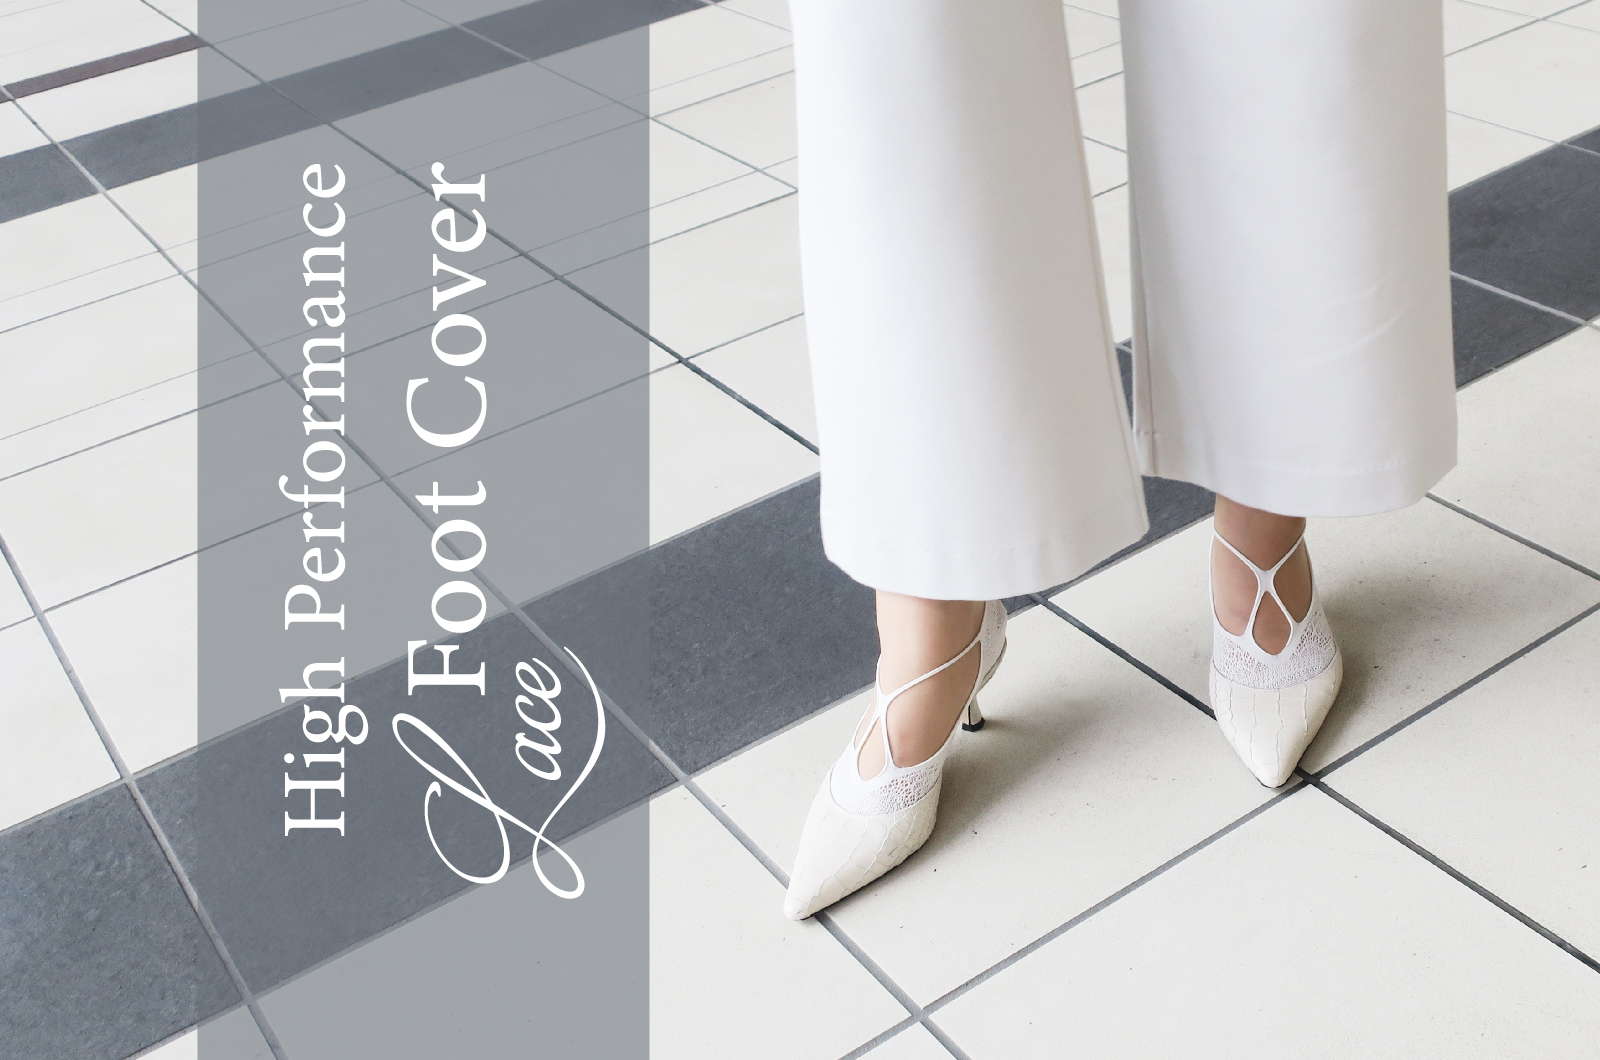 足元を繊細に飾るレースフットカバー イメージ画像